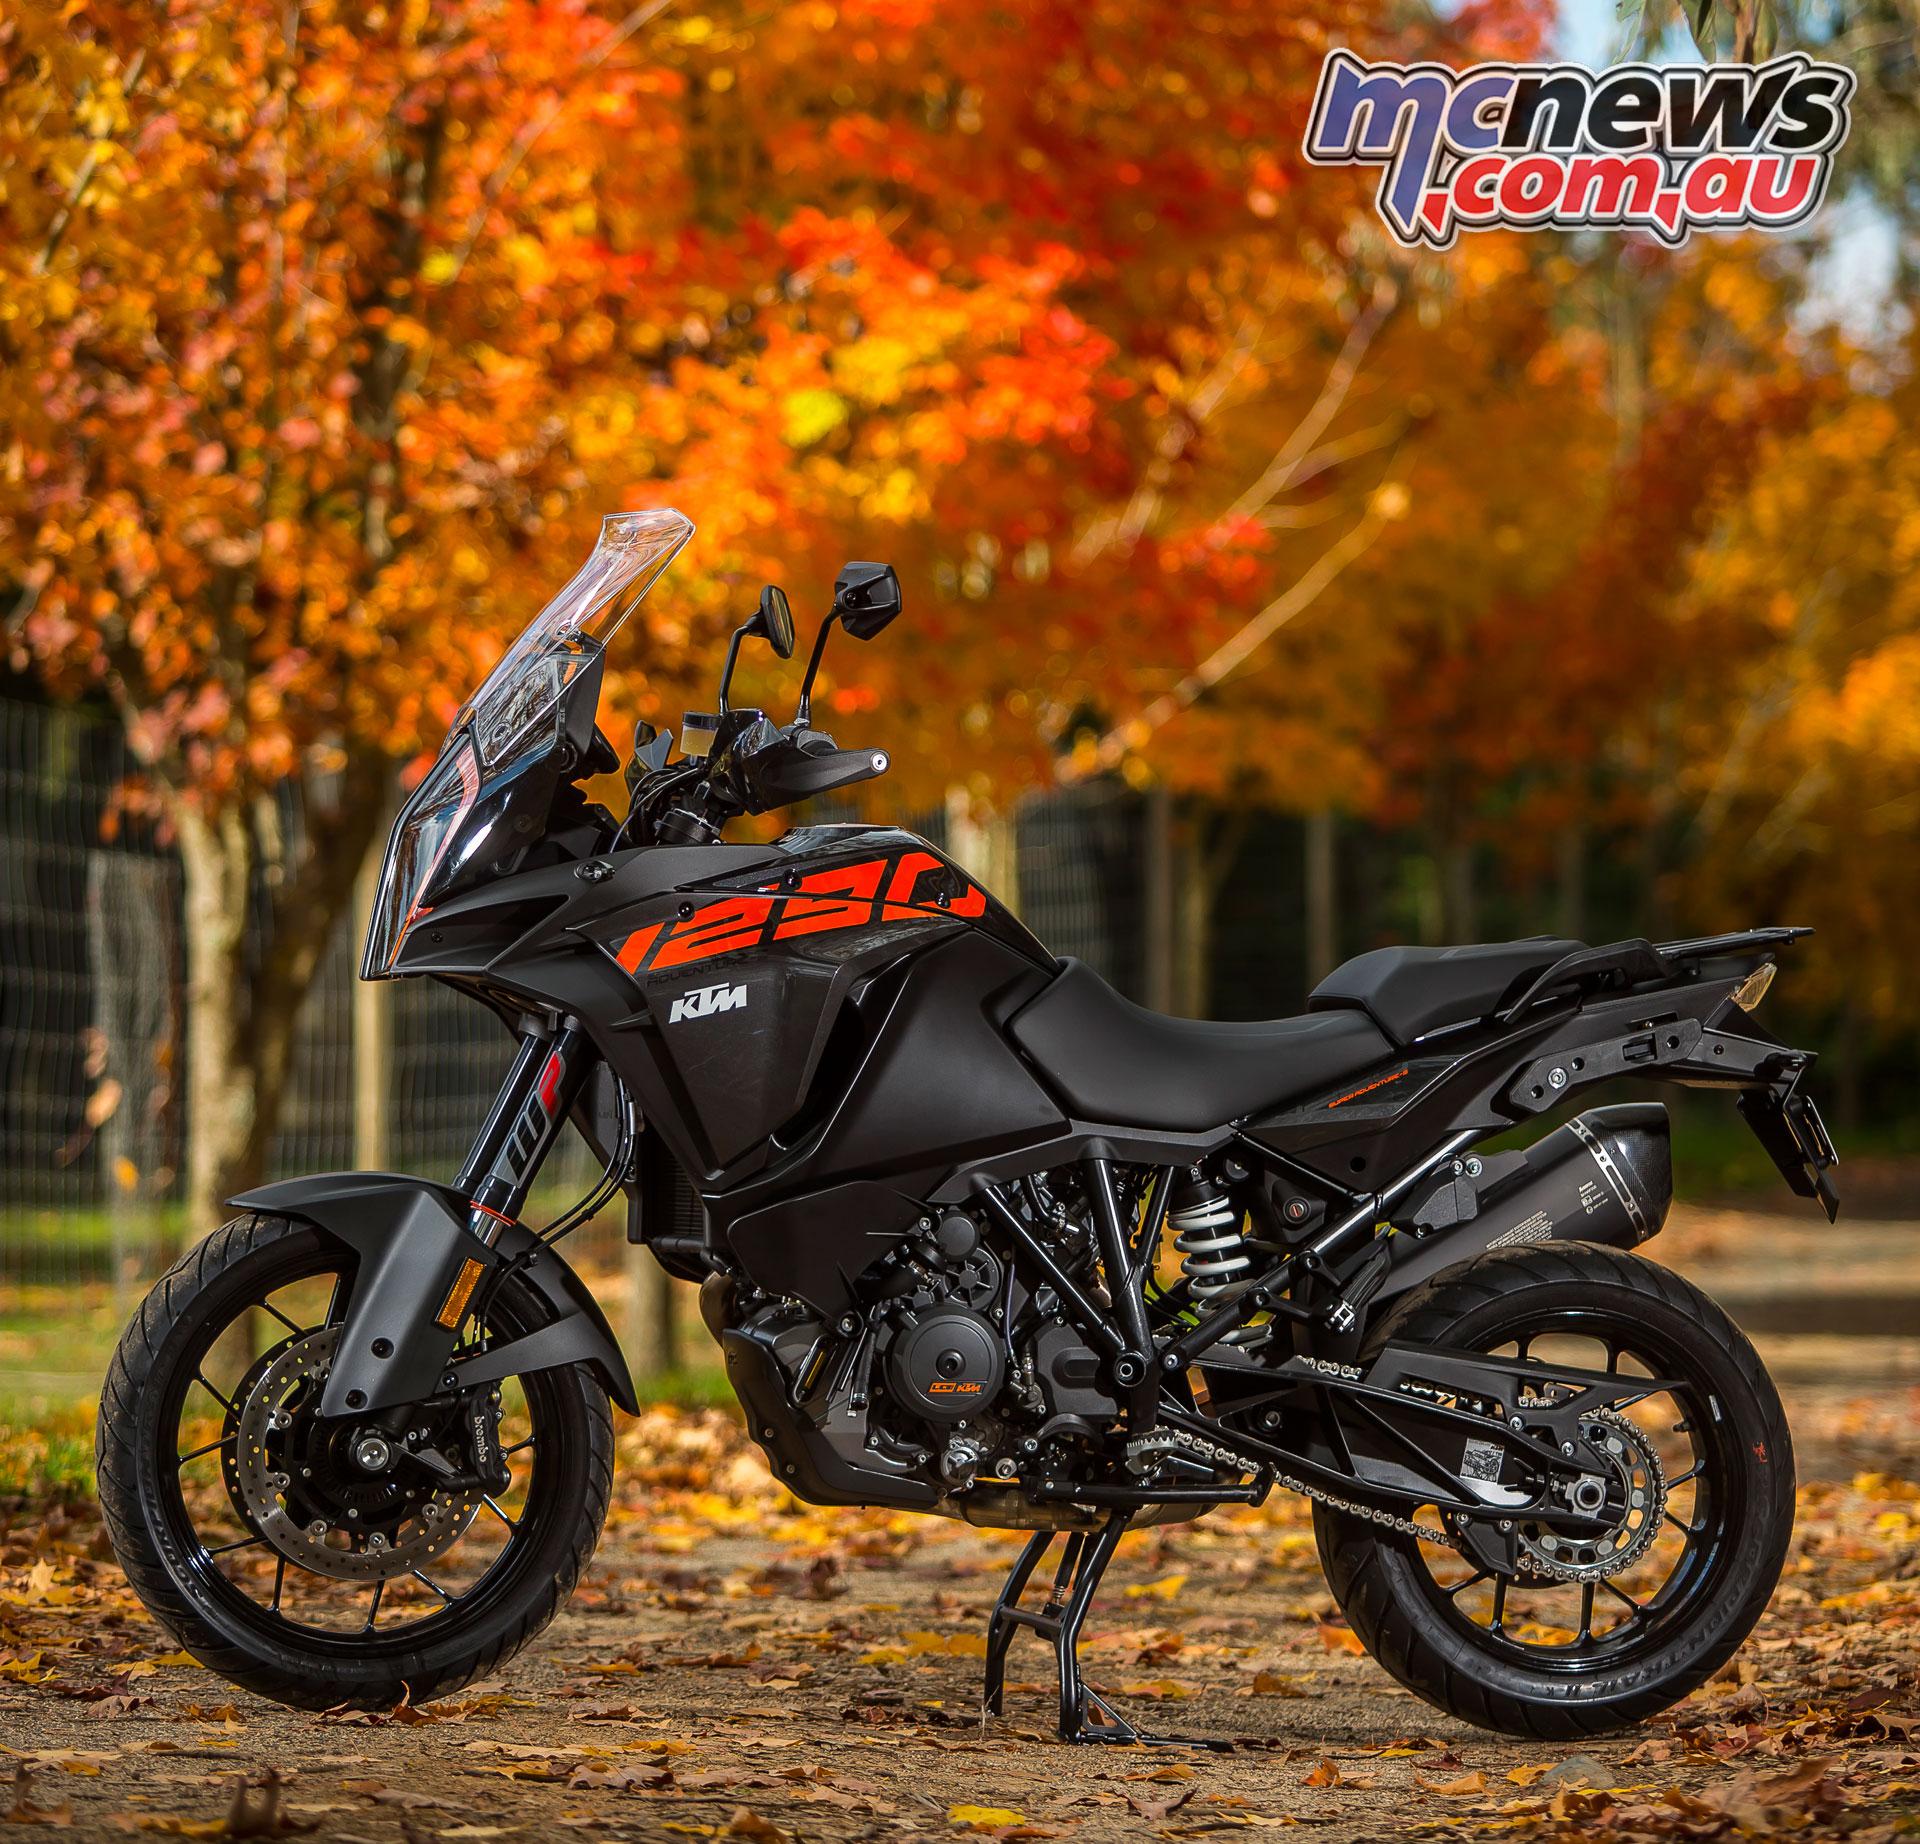 2017 Ktm Adventure Models Reviewed 1290 1090 Mcnews